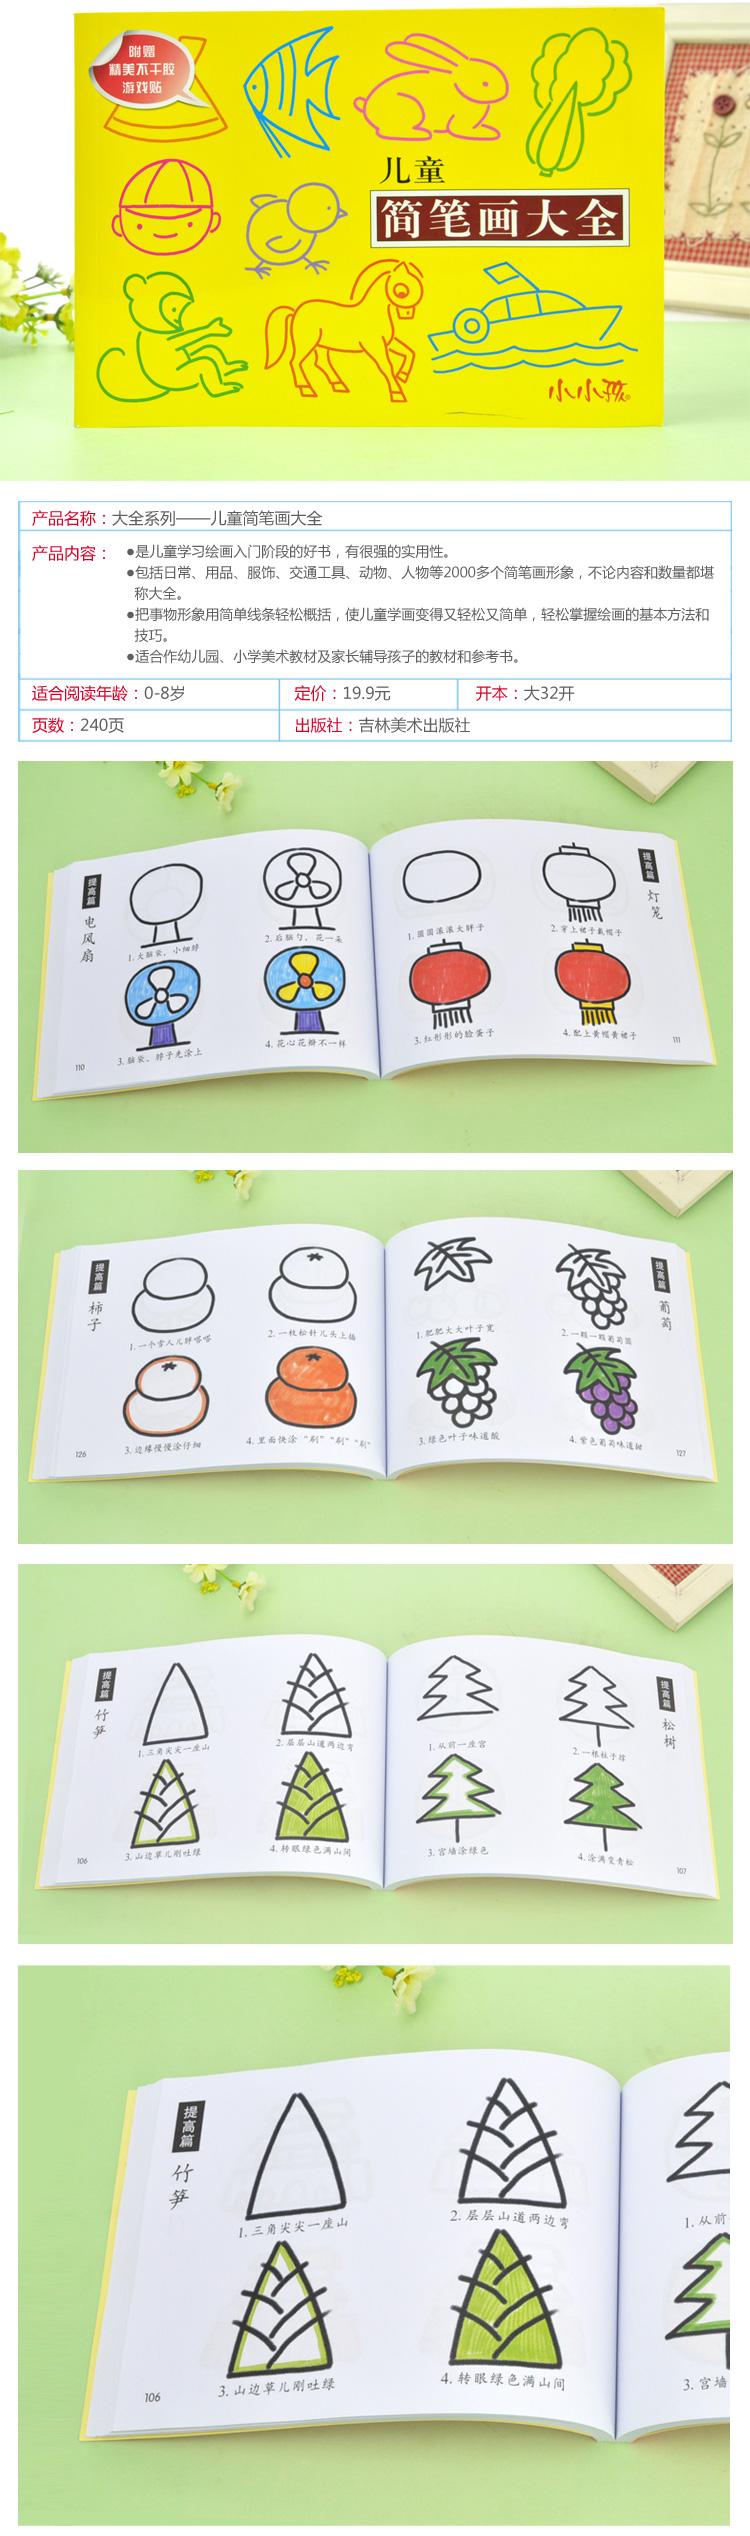 小小孩 儿童简笔画 学画画大全(全套2本装)小小孩幼儿